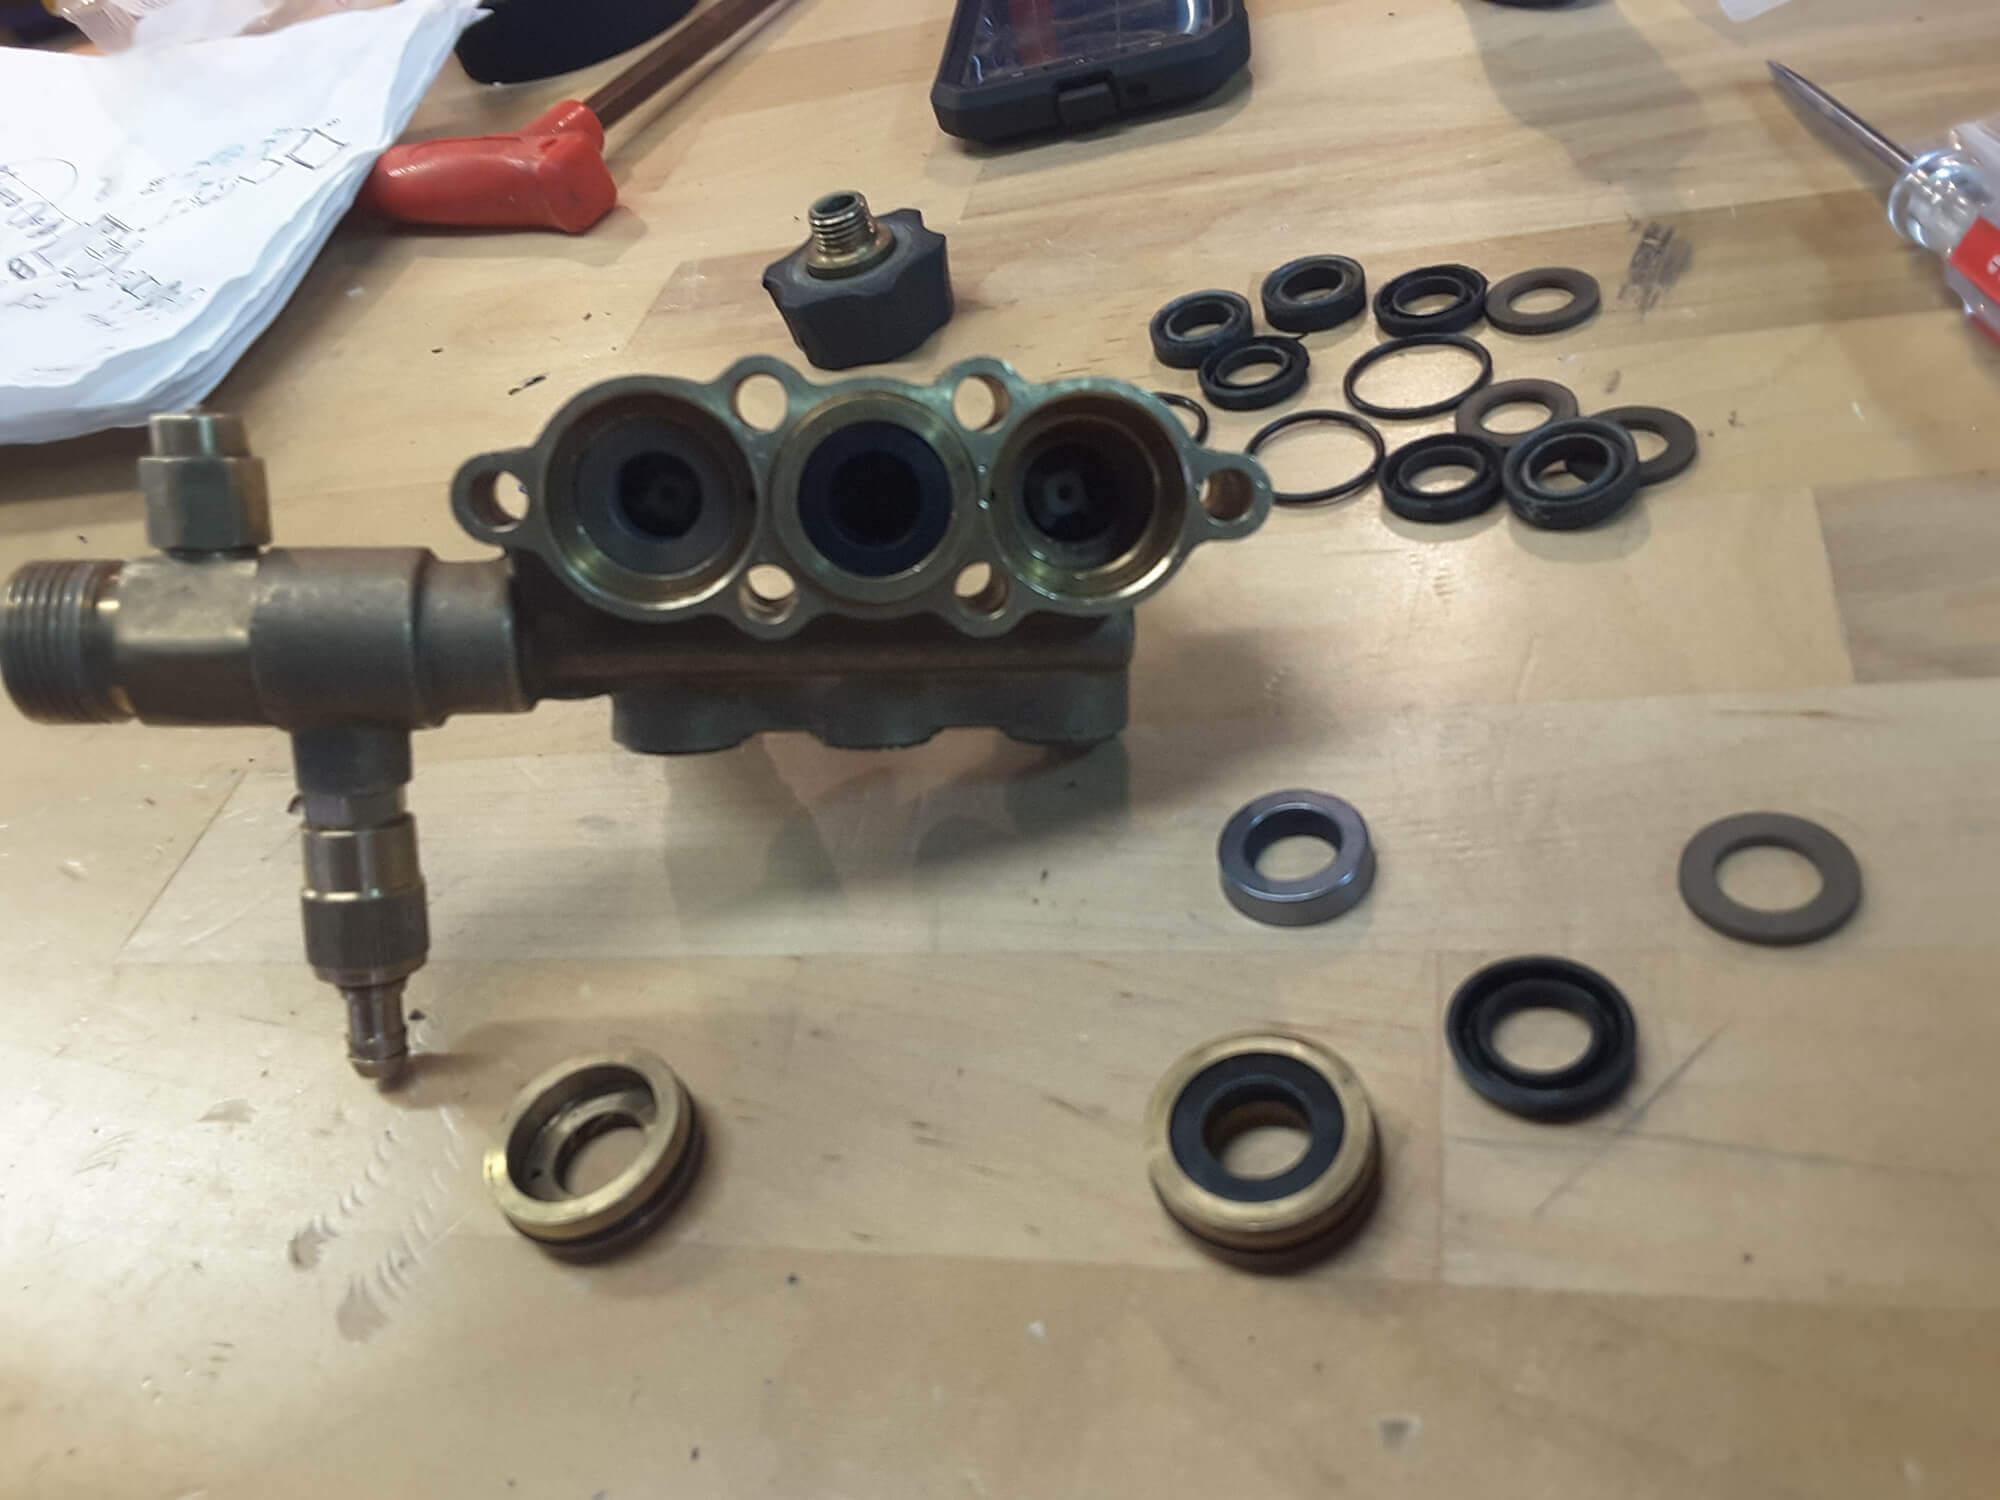 Pressure Washer Pump Rebuild - Pressure Washer Service & Repair